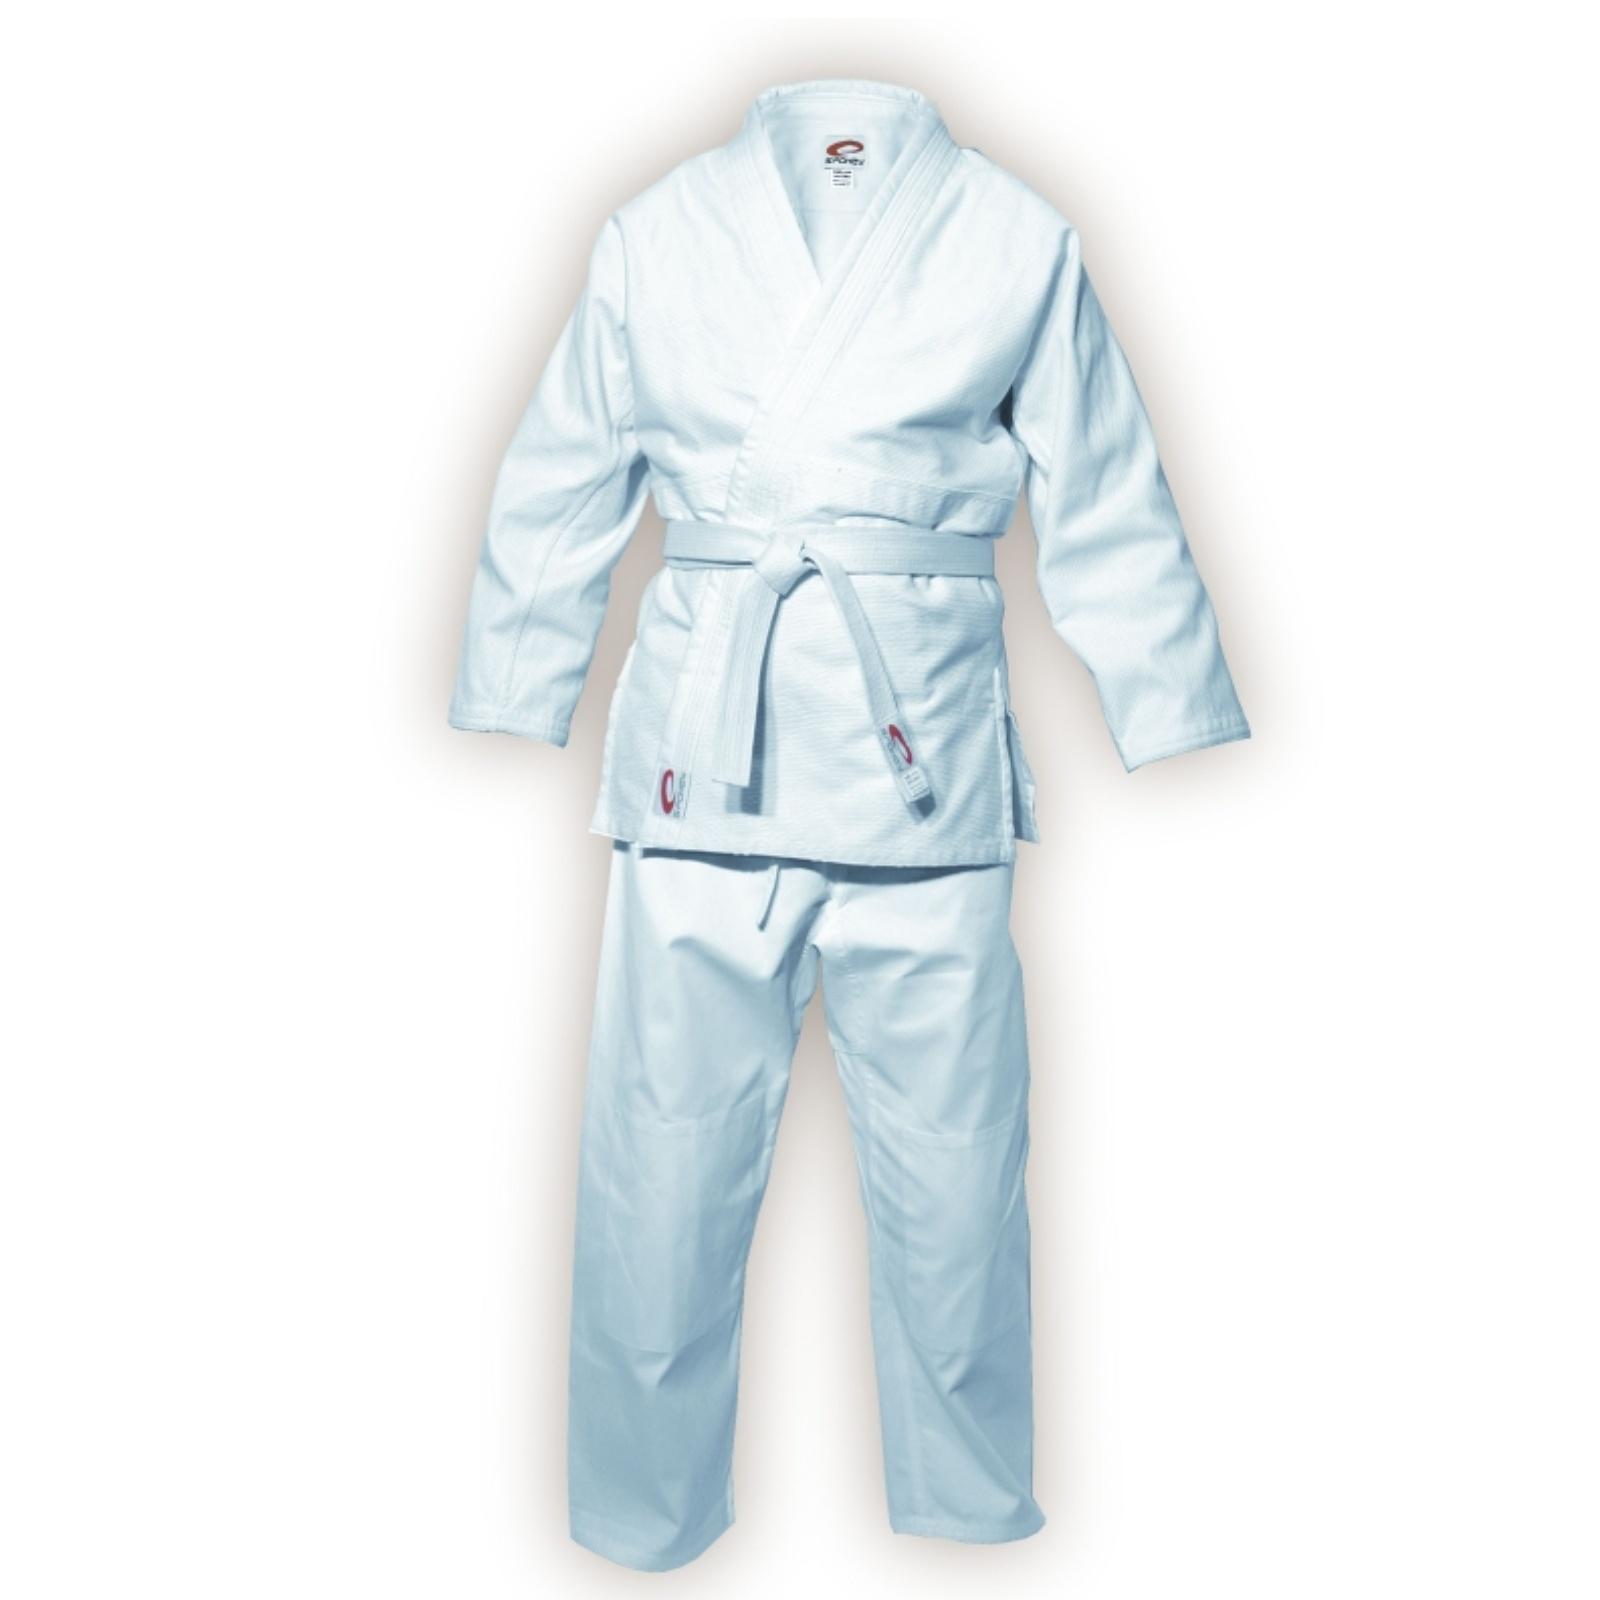 Kimono Judo TAMASHI biele - 110 cm